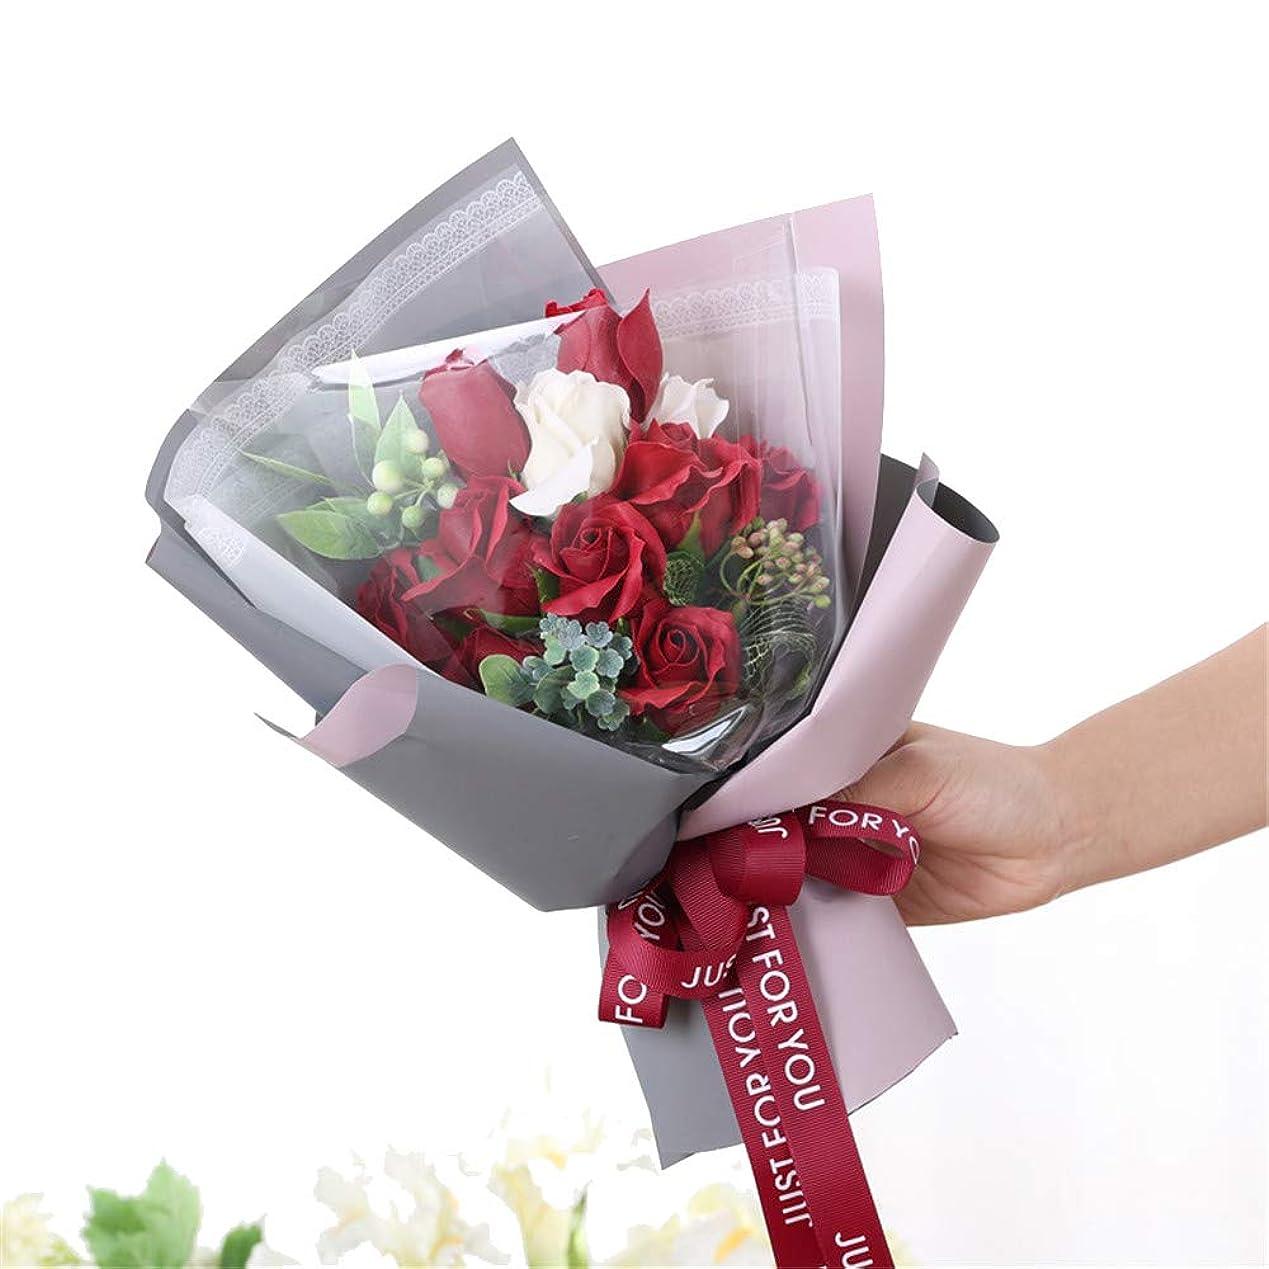 寄付エンディング事業手作りのバラ石鹸フラワーブーケのギフトボックス、女性のためのギフトバレンタインデー、母の日、結婚式、クリスマス、誕生日を愛した女の子 (色 : 赤)